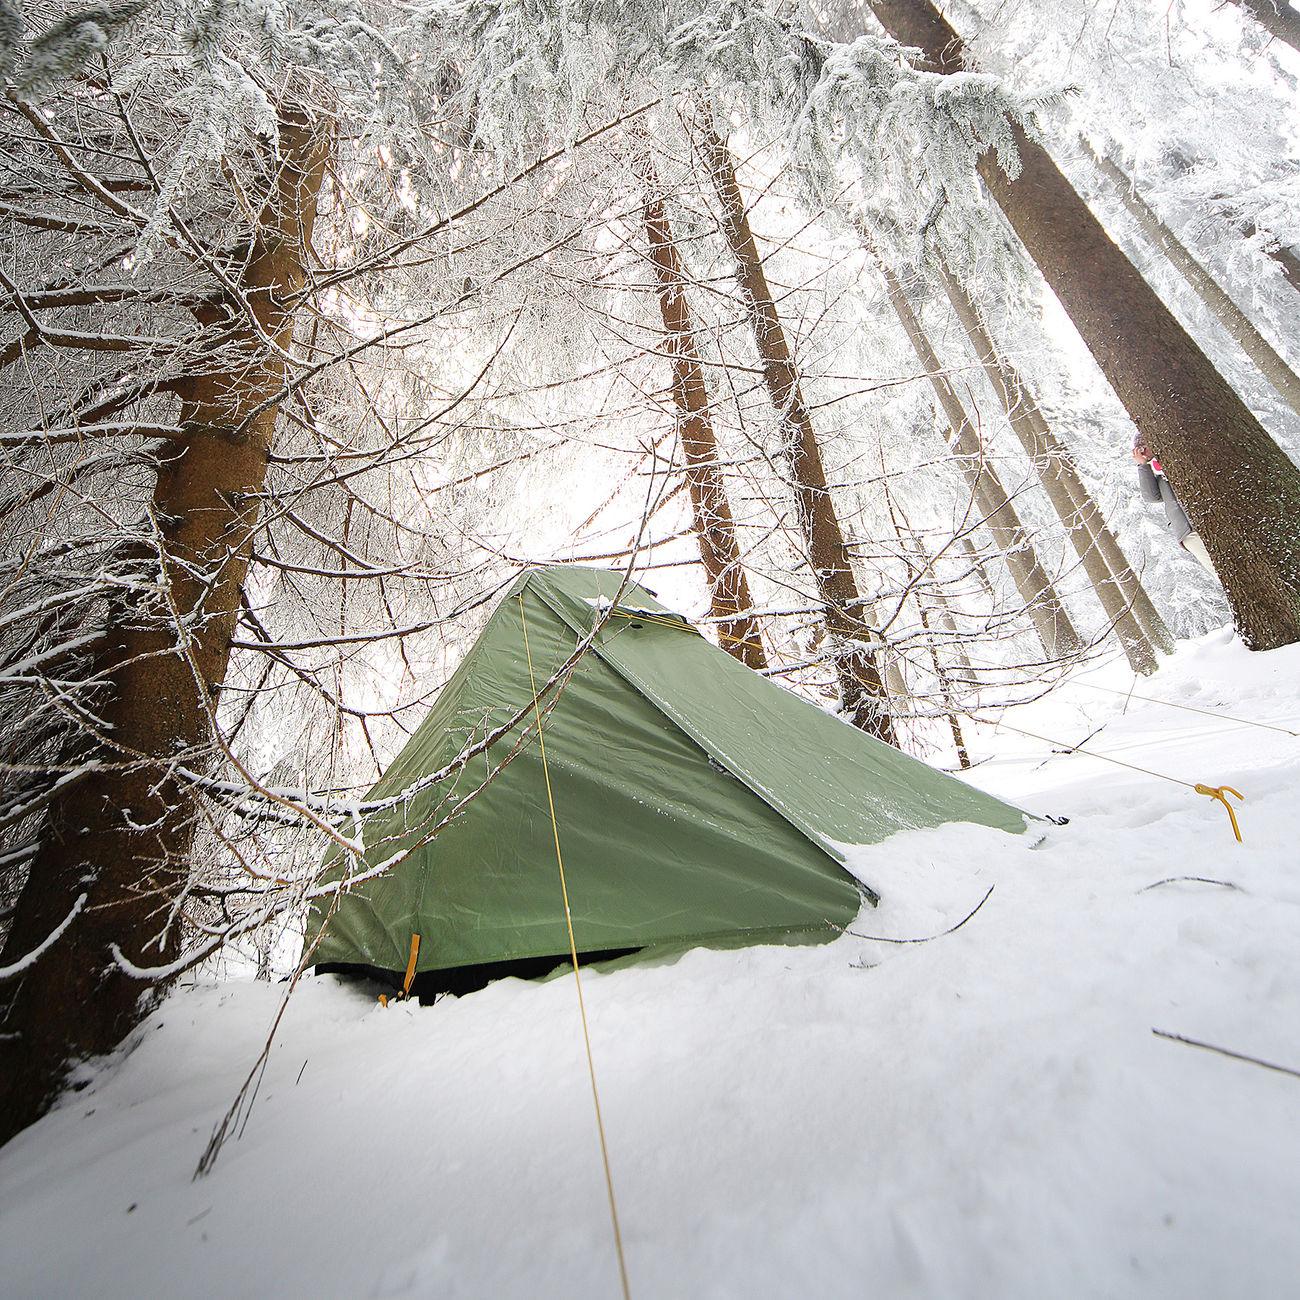 Gr/ün S Nordisk Svalbard 1/PU Tent Zelt